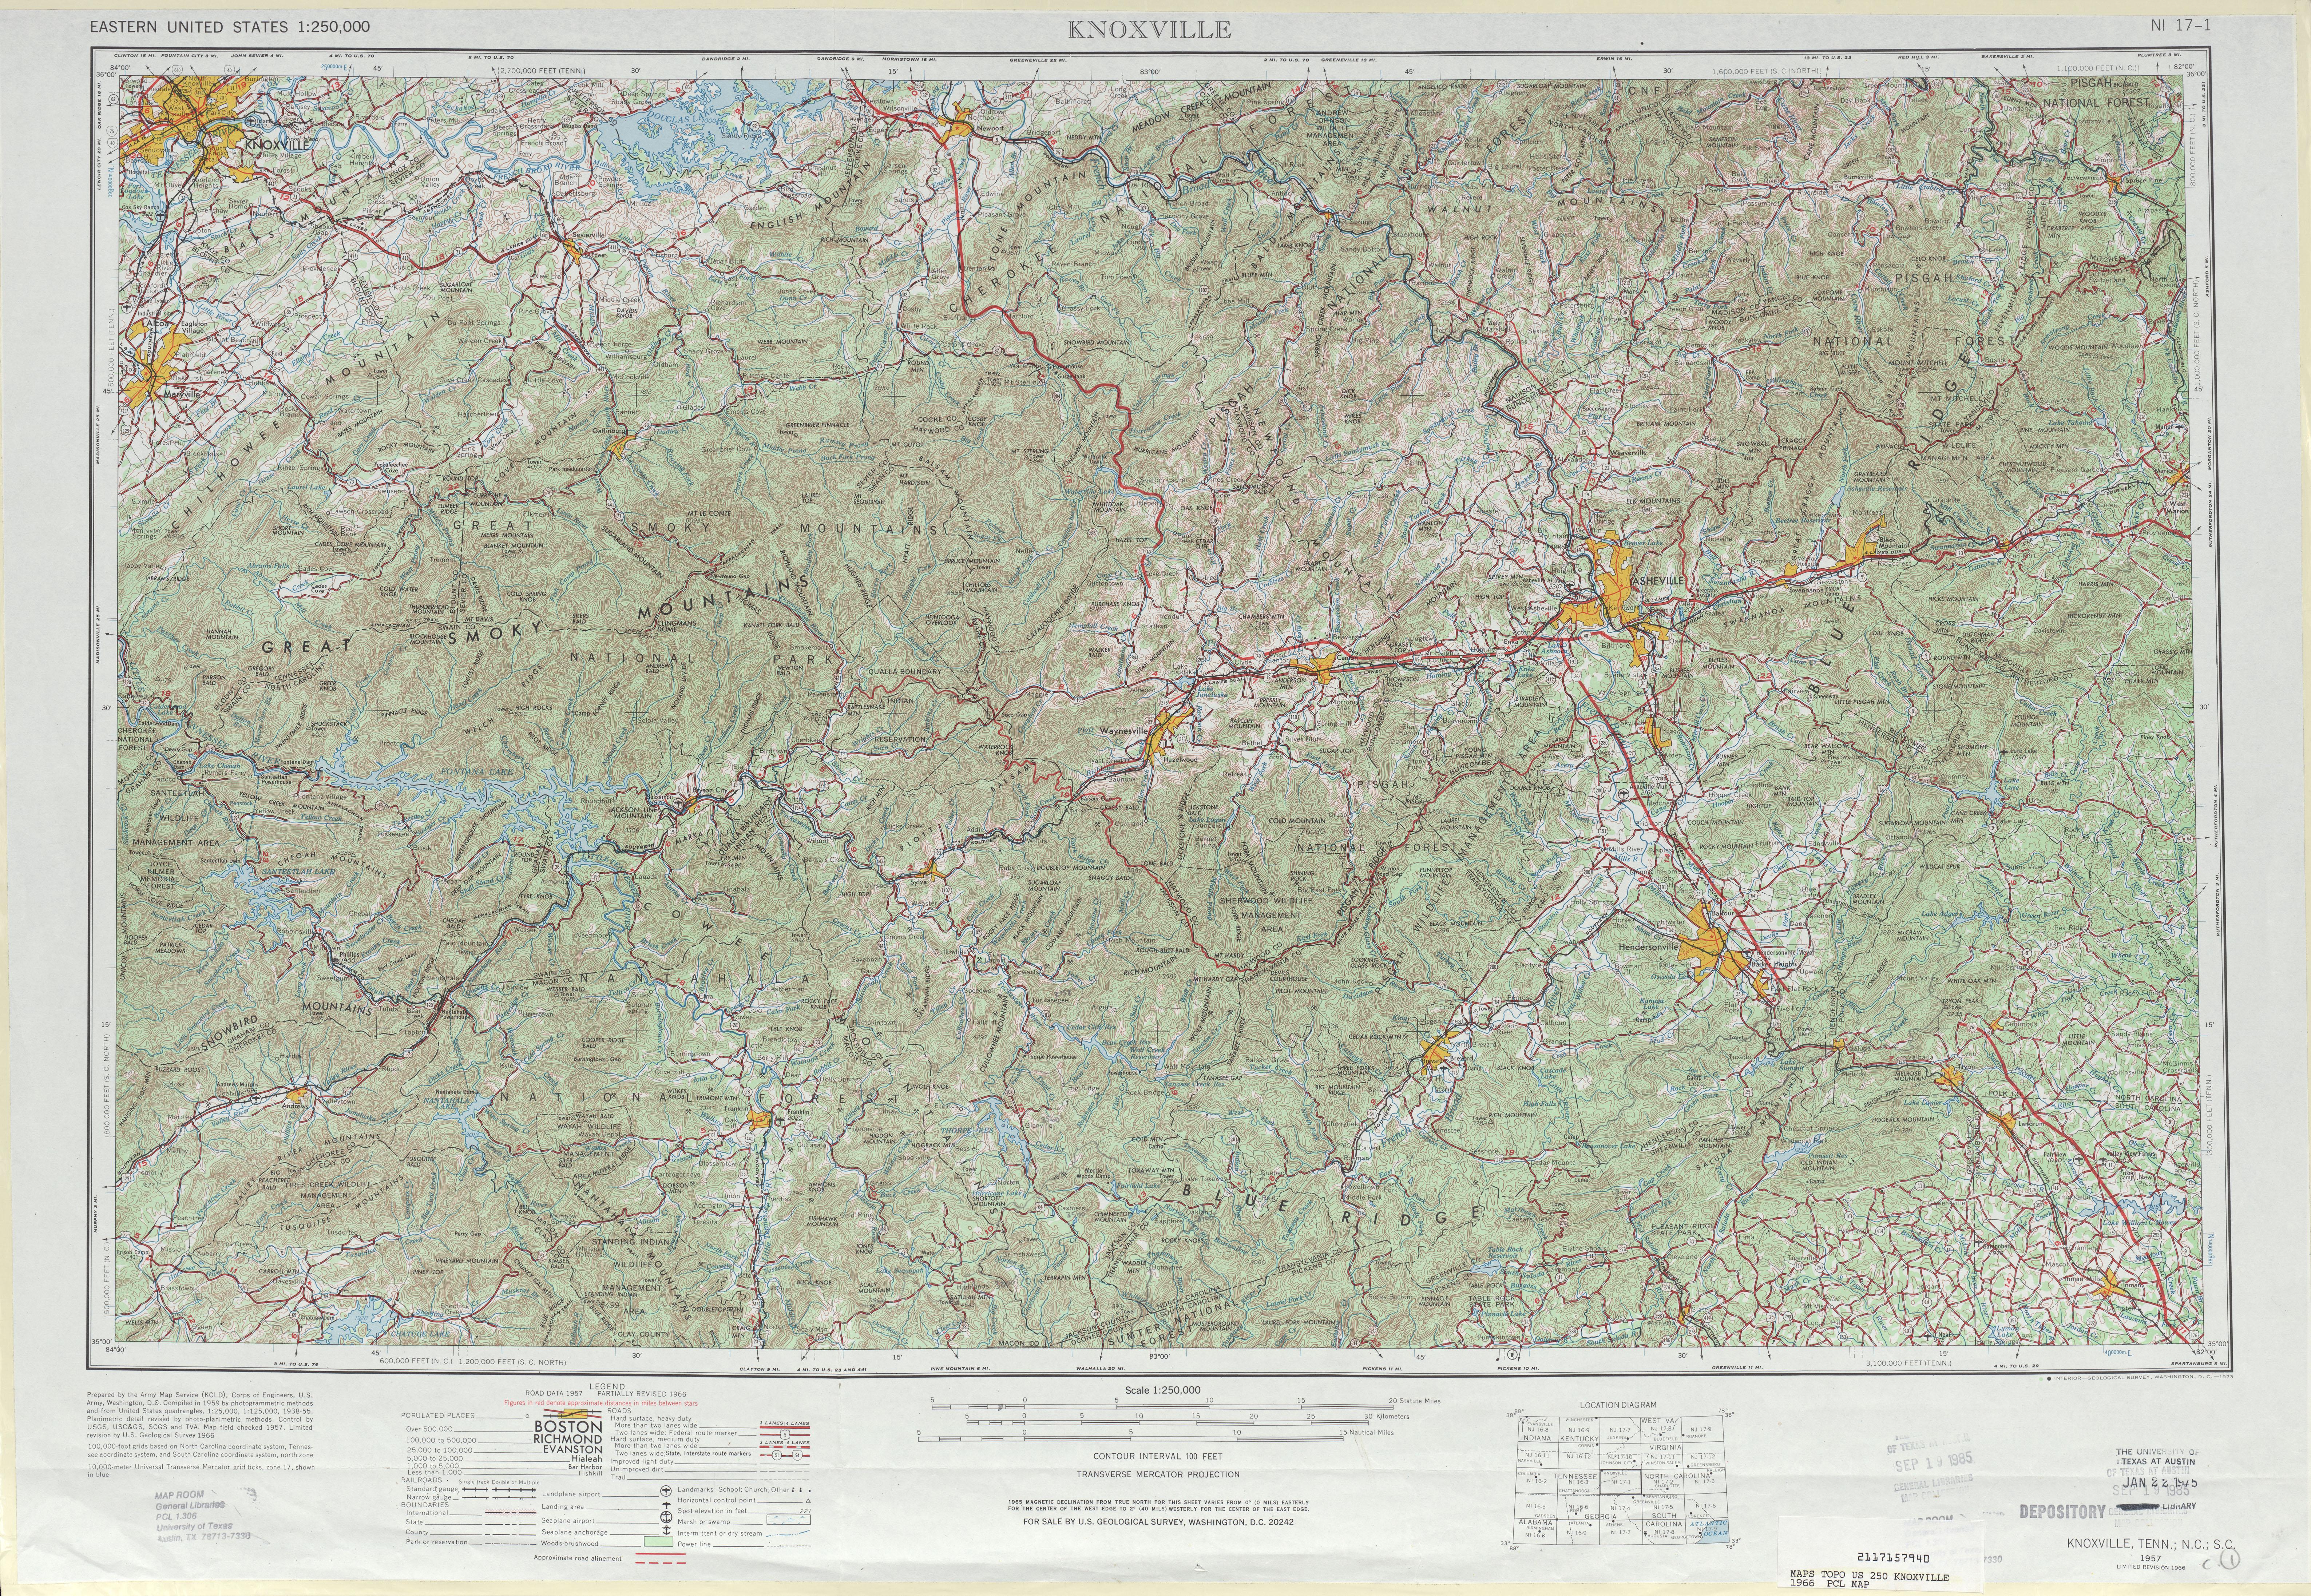 Hoja Knoxville del Mapa Topográfico de los Estados Unidos 1966